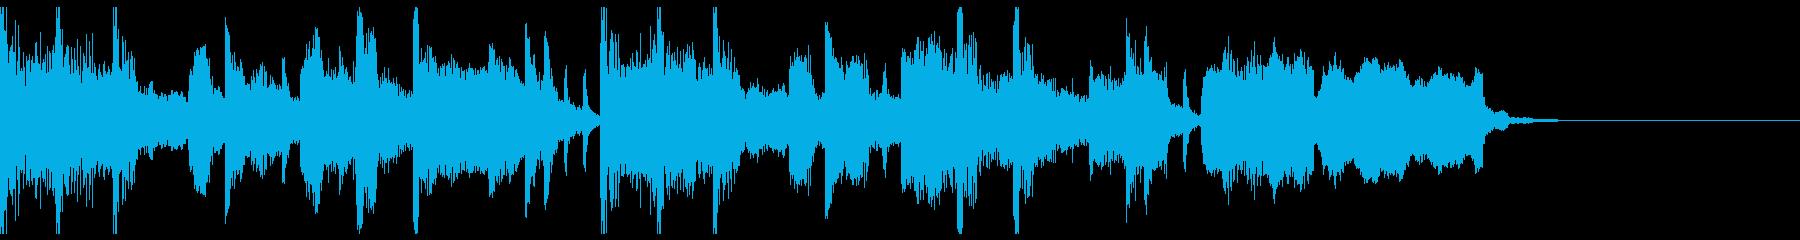 【ジングル】ムードあるピアノとサックスの再生済みの波形